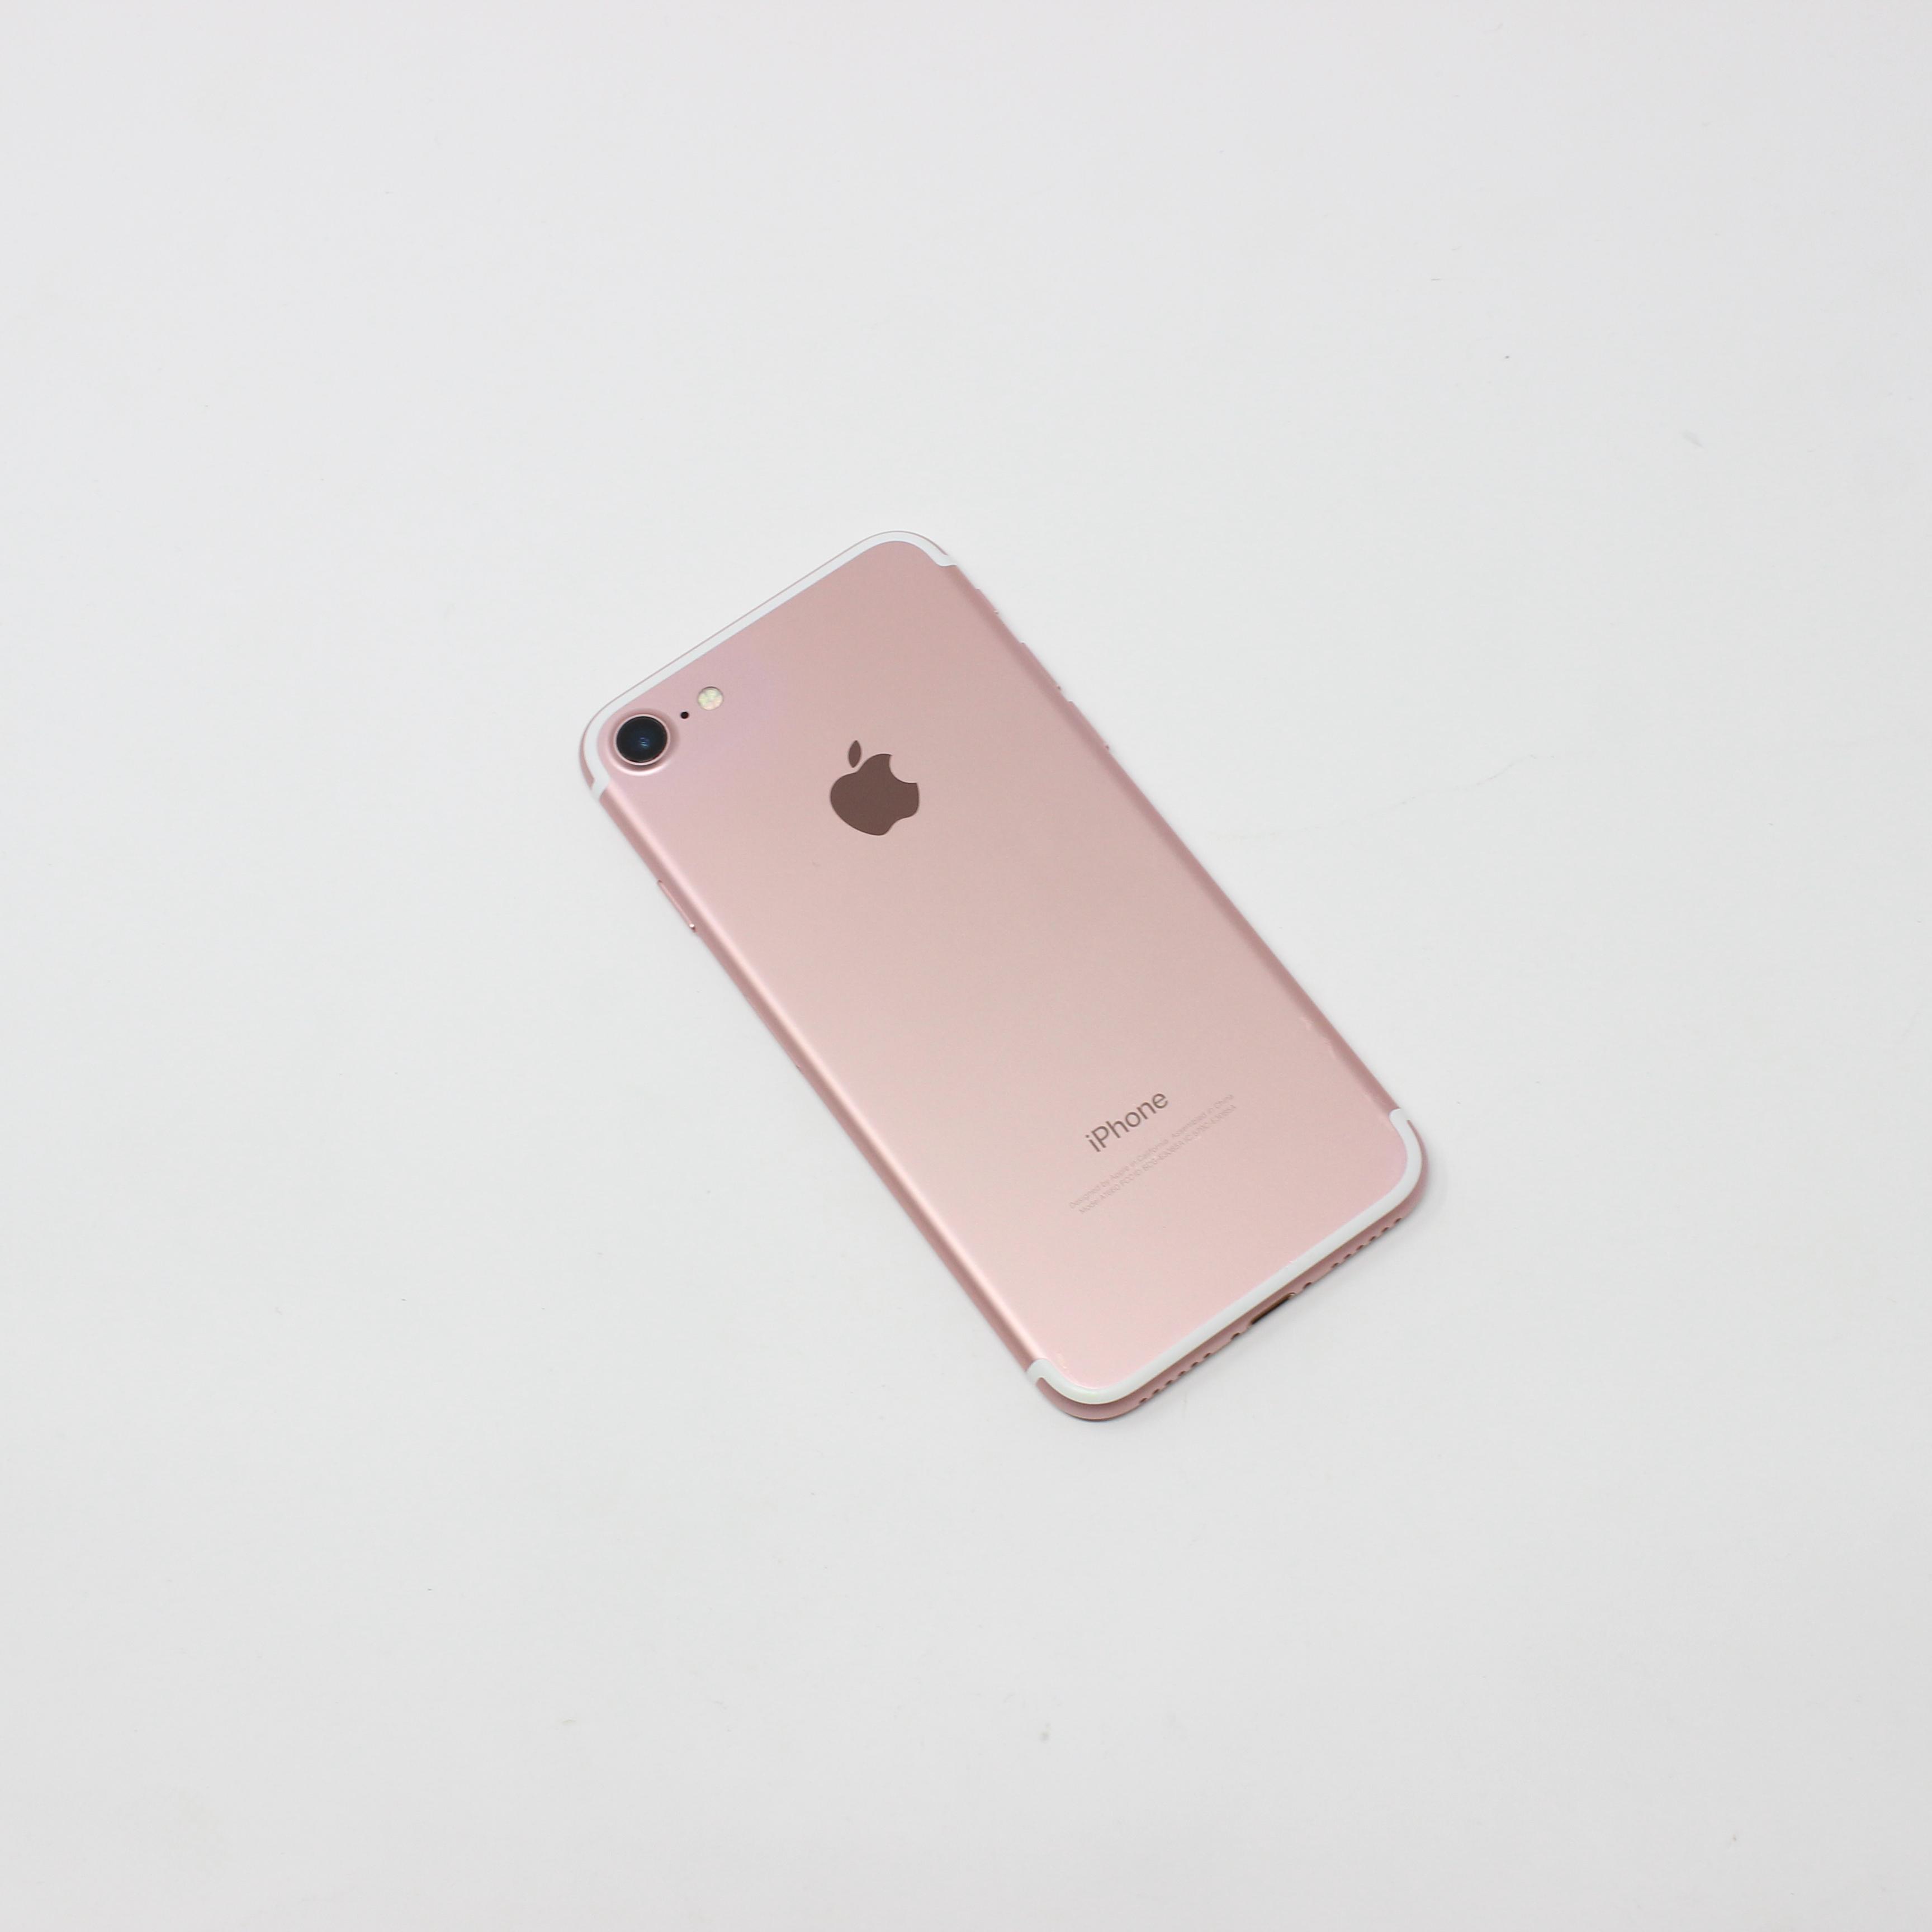 iPhone 7 32GB Rose Gold - Verizon photo 3 | UpTradeit.com